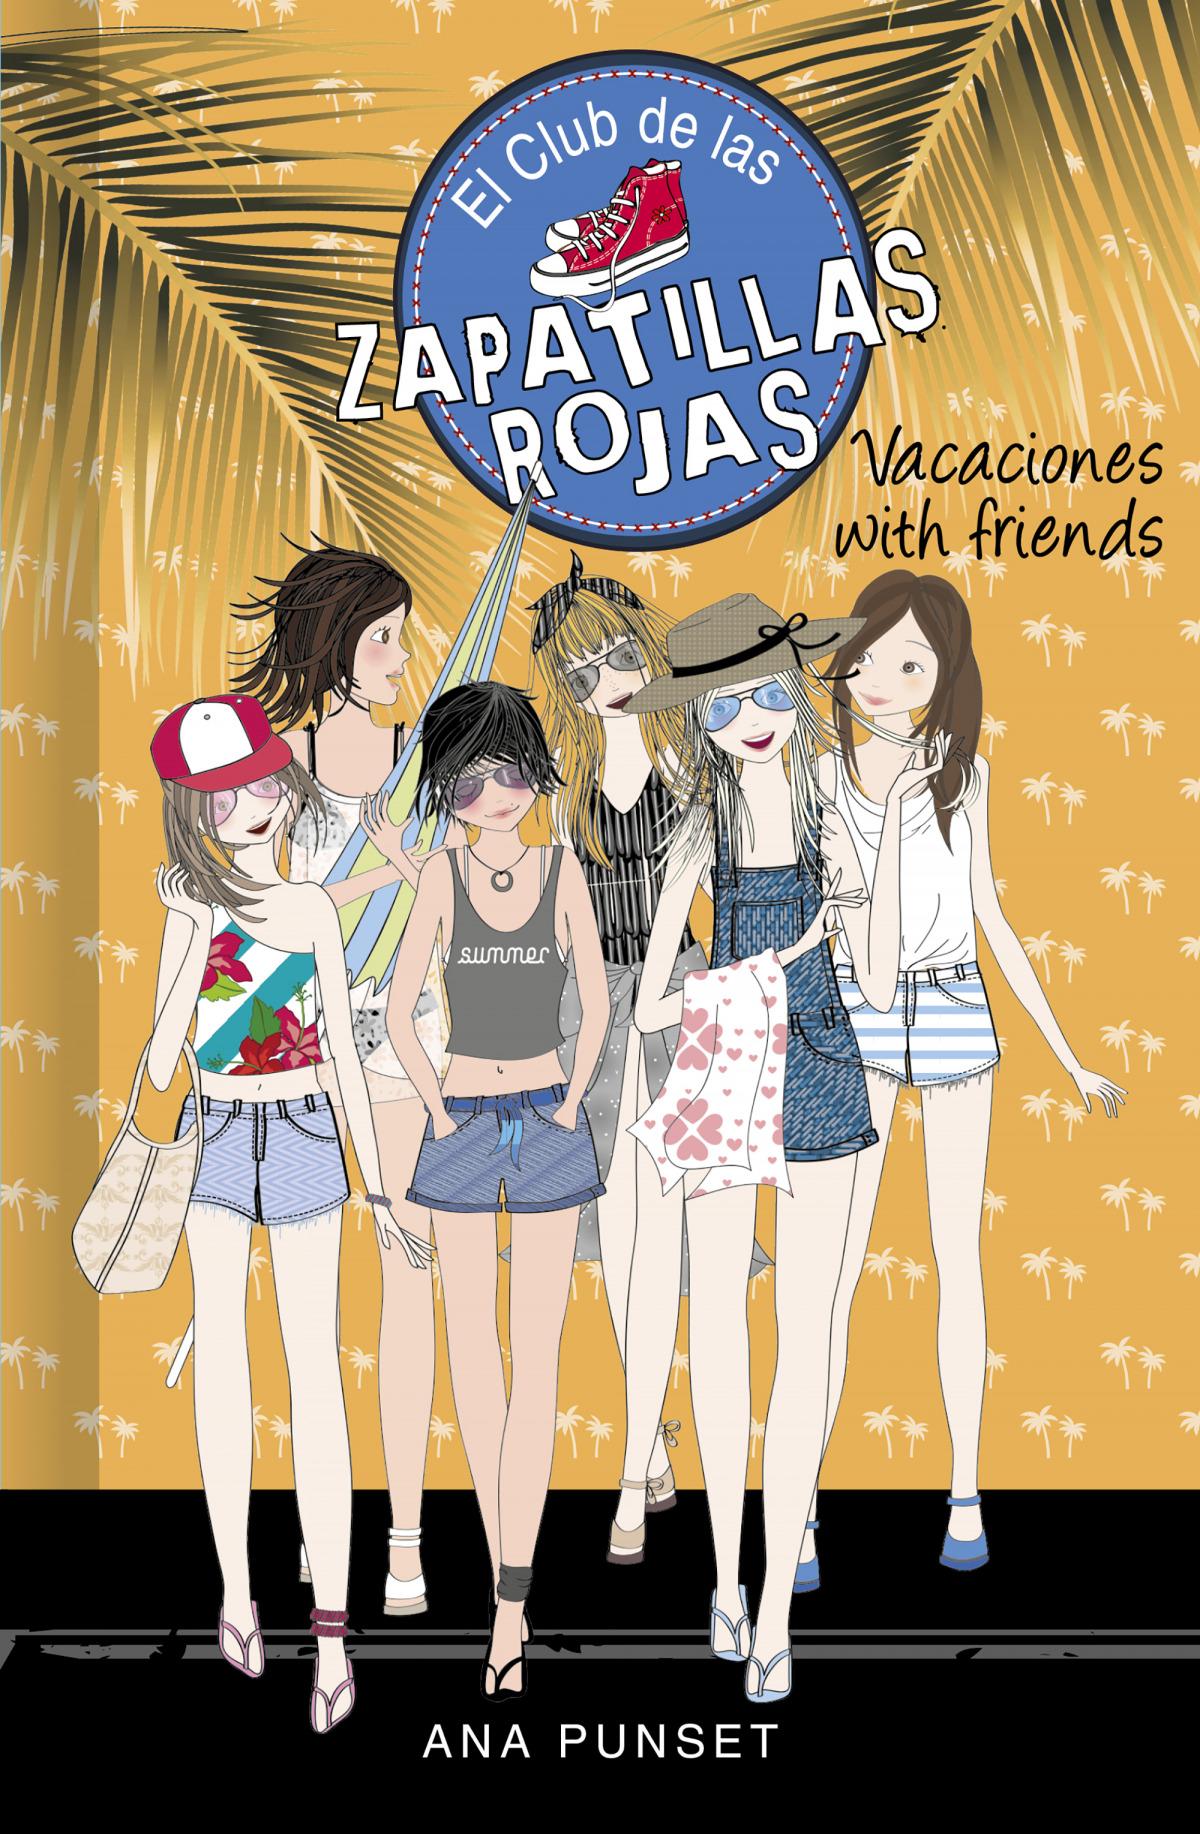 Vacaciones with friends (Serie El Club de las Zapatillas Rojas 19) 9788418318757